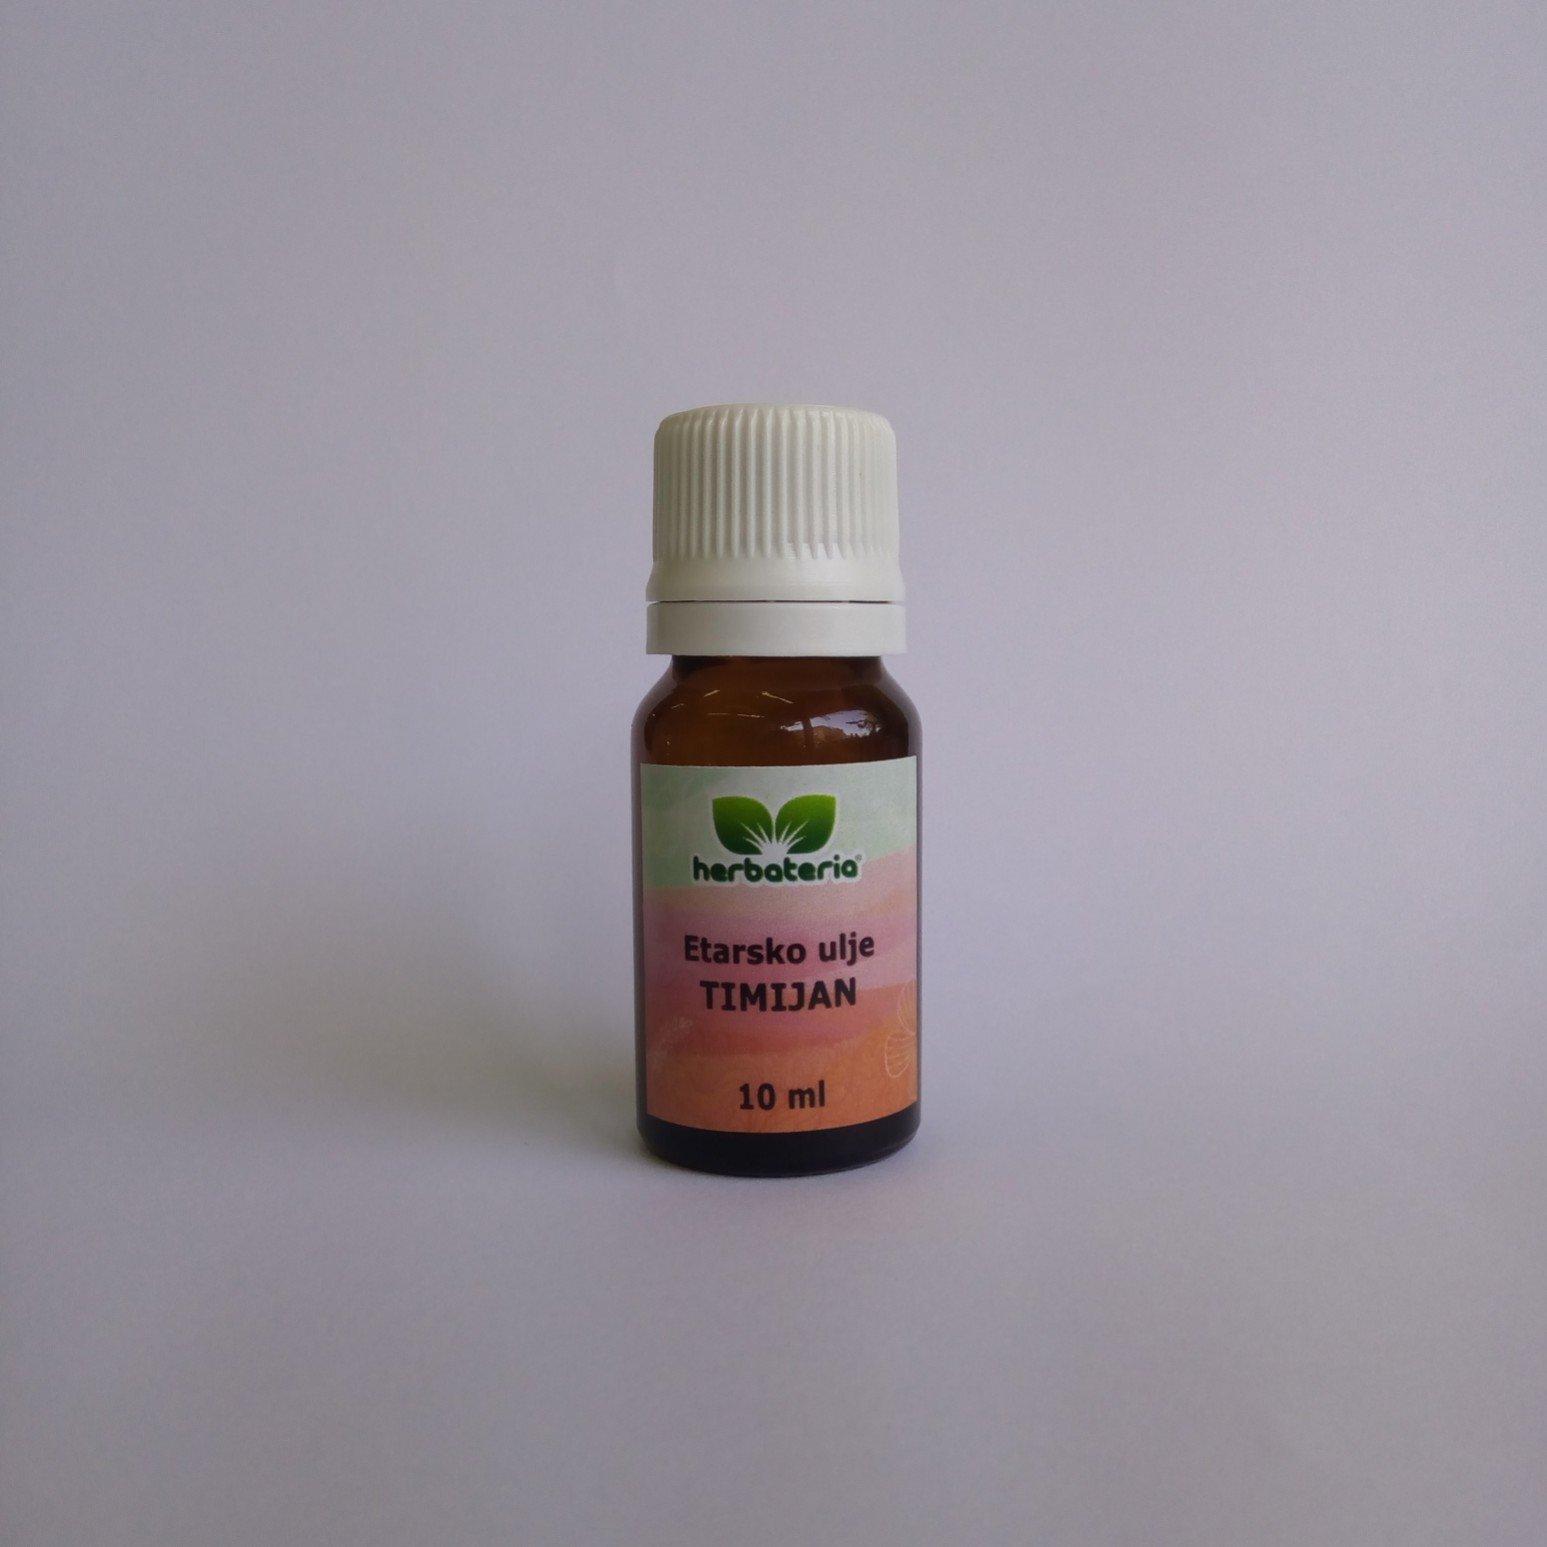 Herbateria - etarsko ulje timijan 10 ml 00417